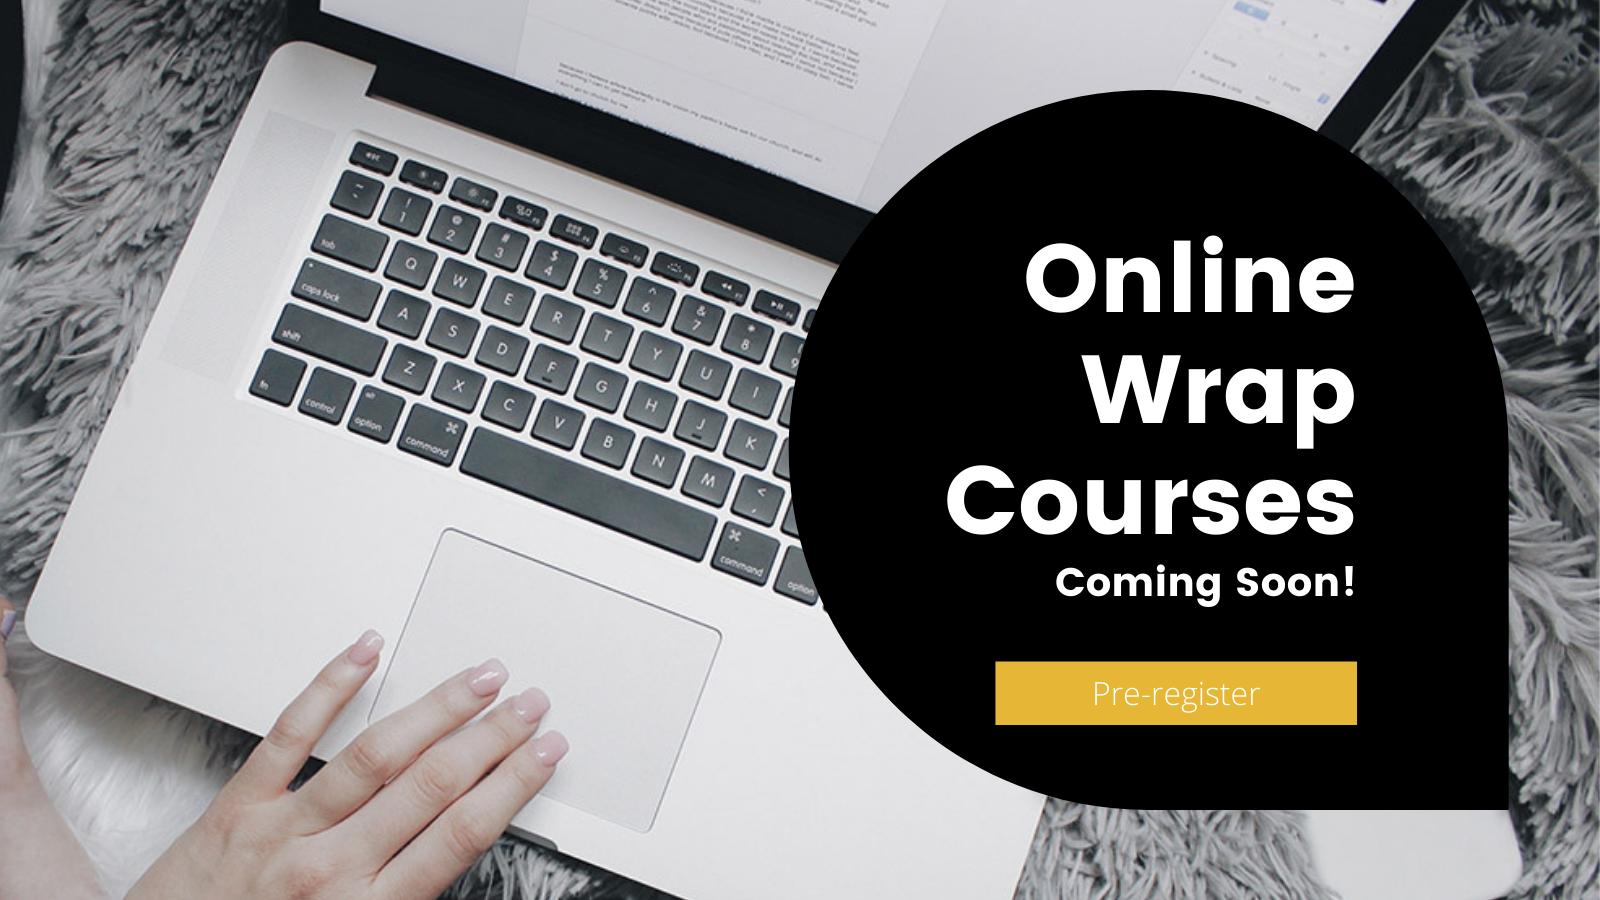 Online Wrap Courses